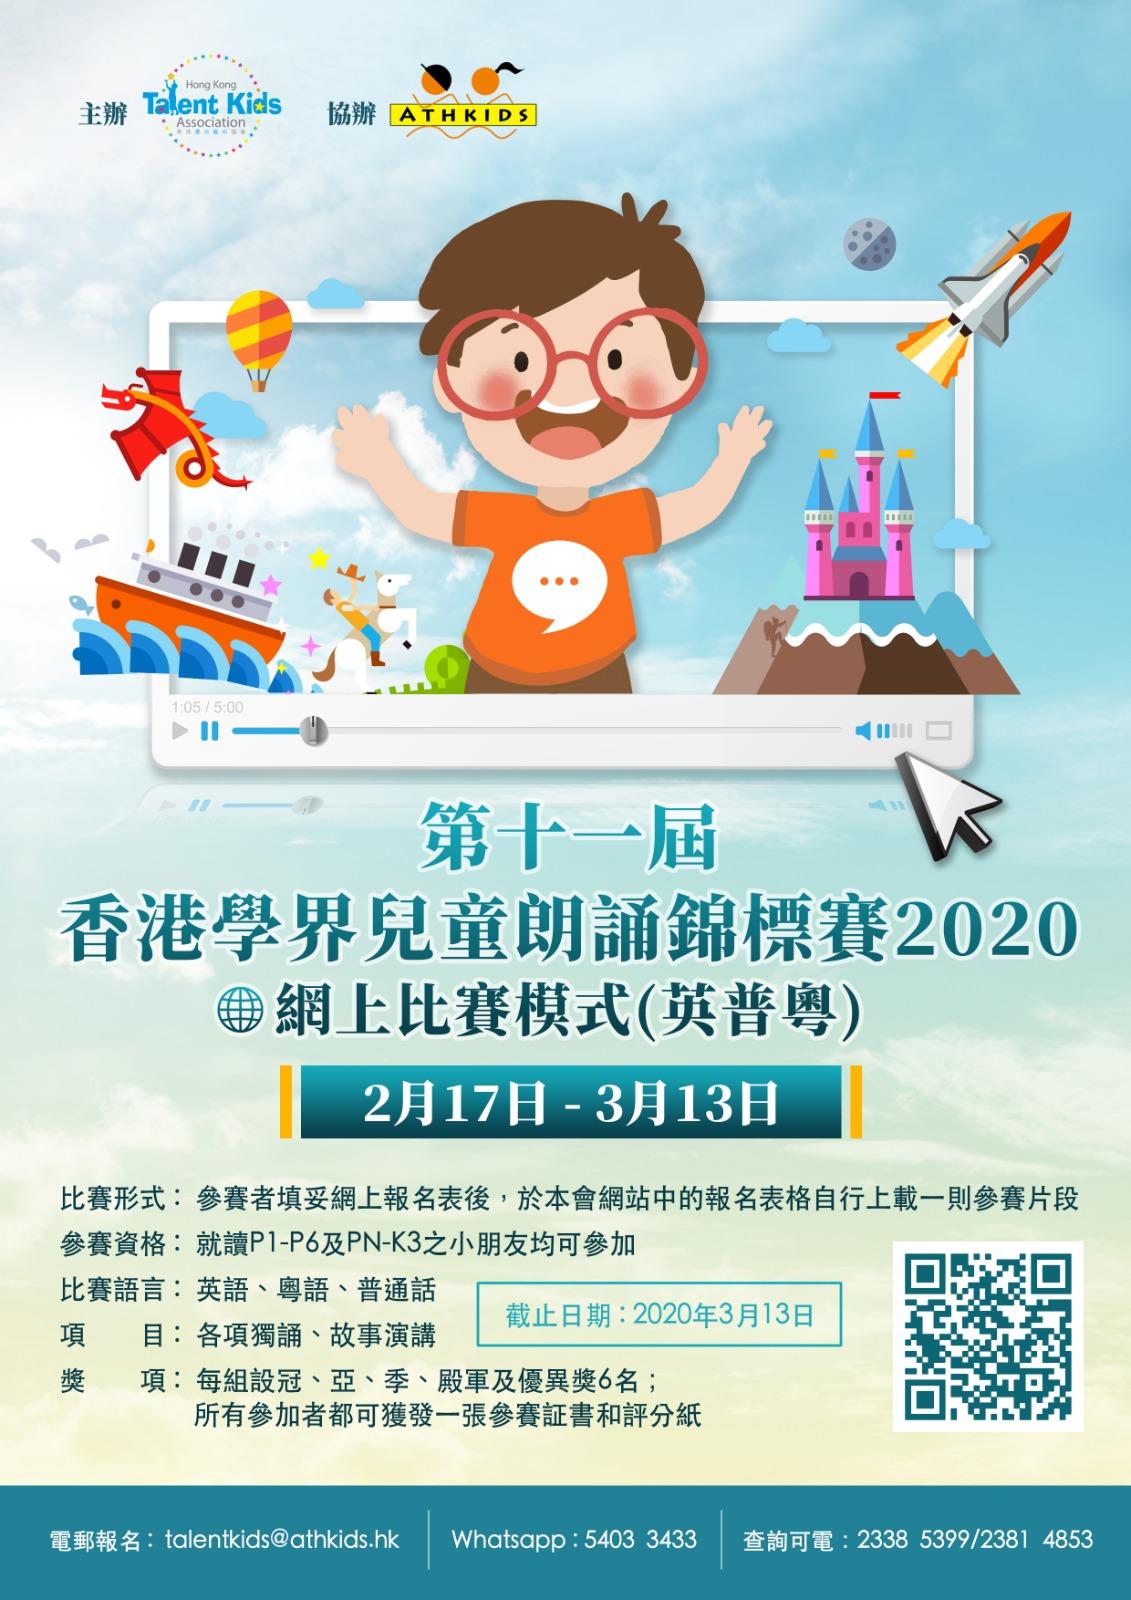 成績公佈 – 第十一屆香港學界兒童朗誦錦標賽2020(英普粵)(網上比賽形式)